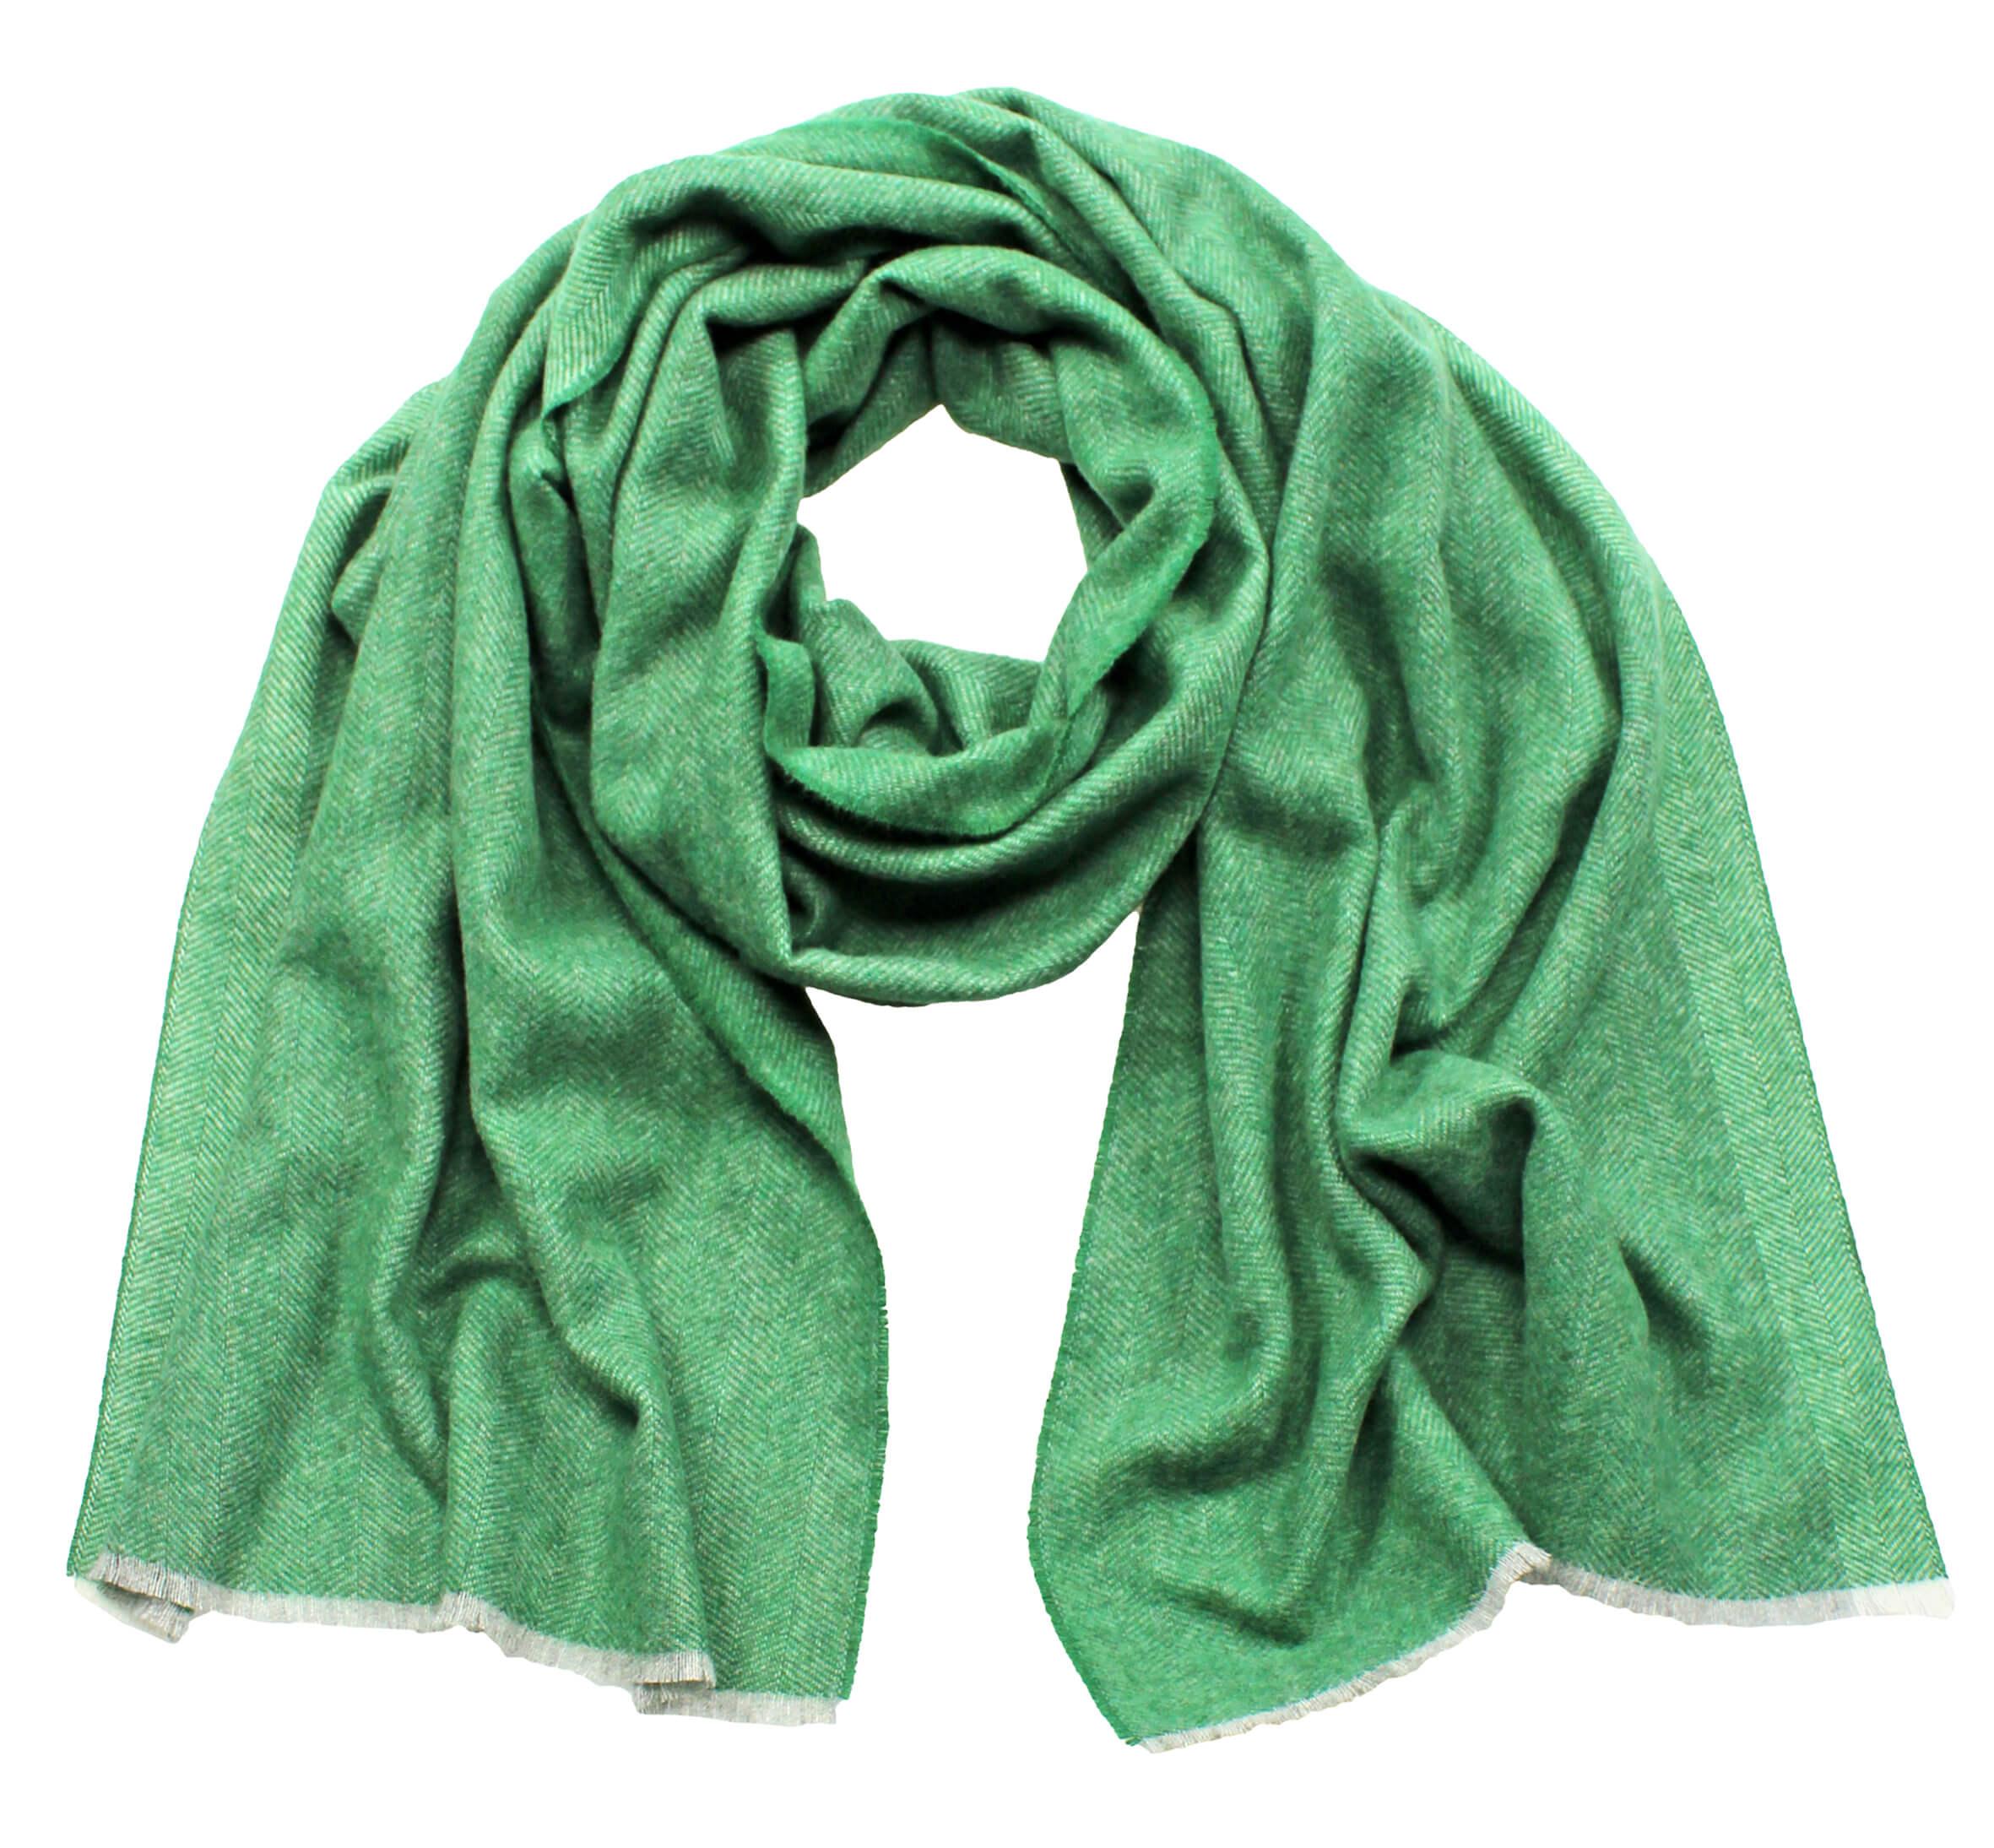 Bild von 021-0047col7, Variante jade